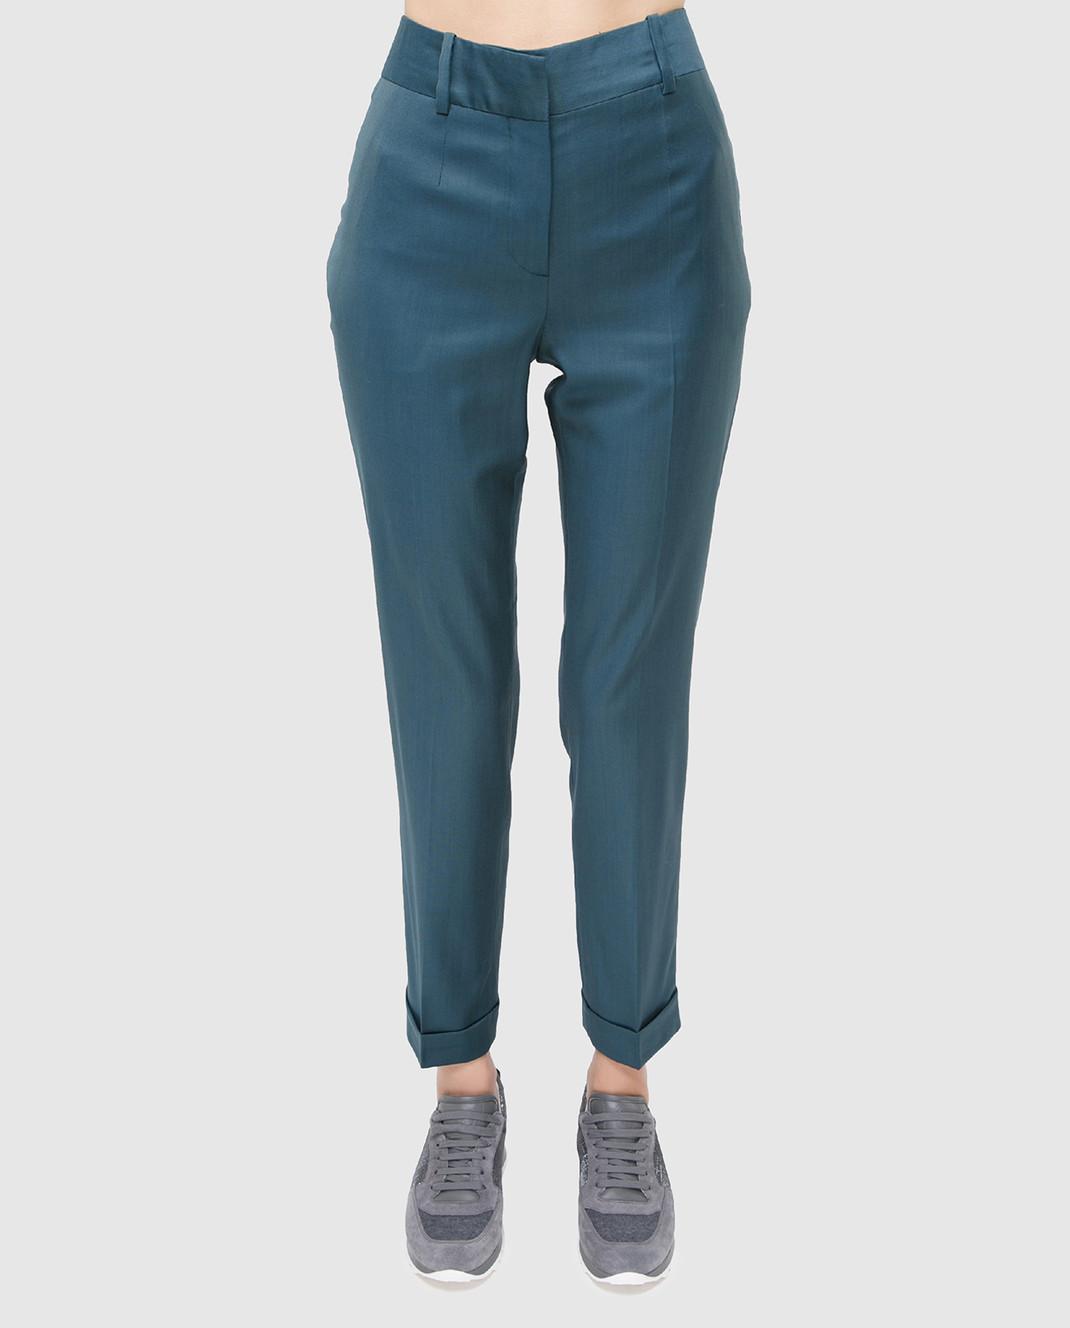 Maison Ullens Светло-синие брюки из шерсти изображение 3